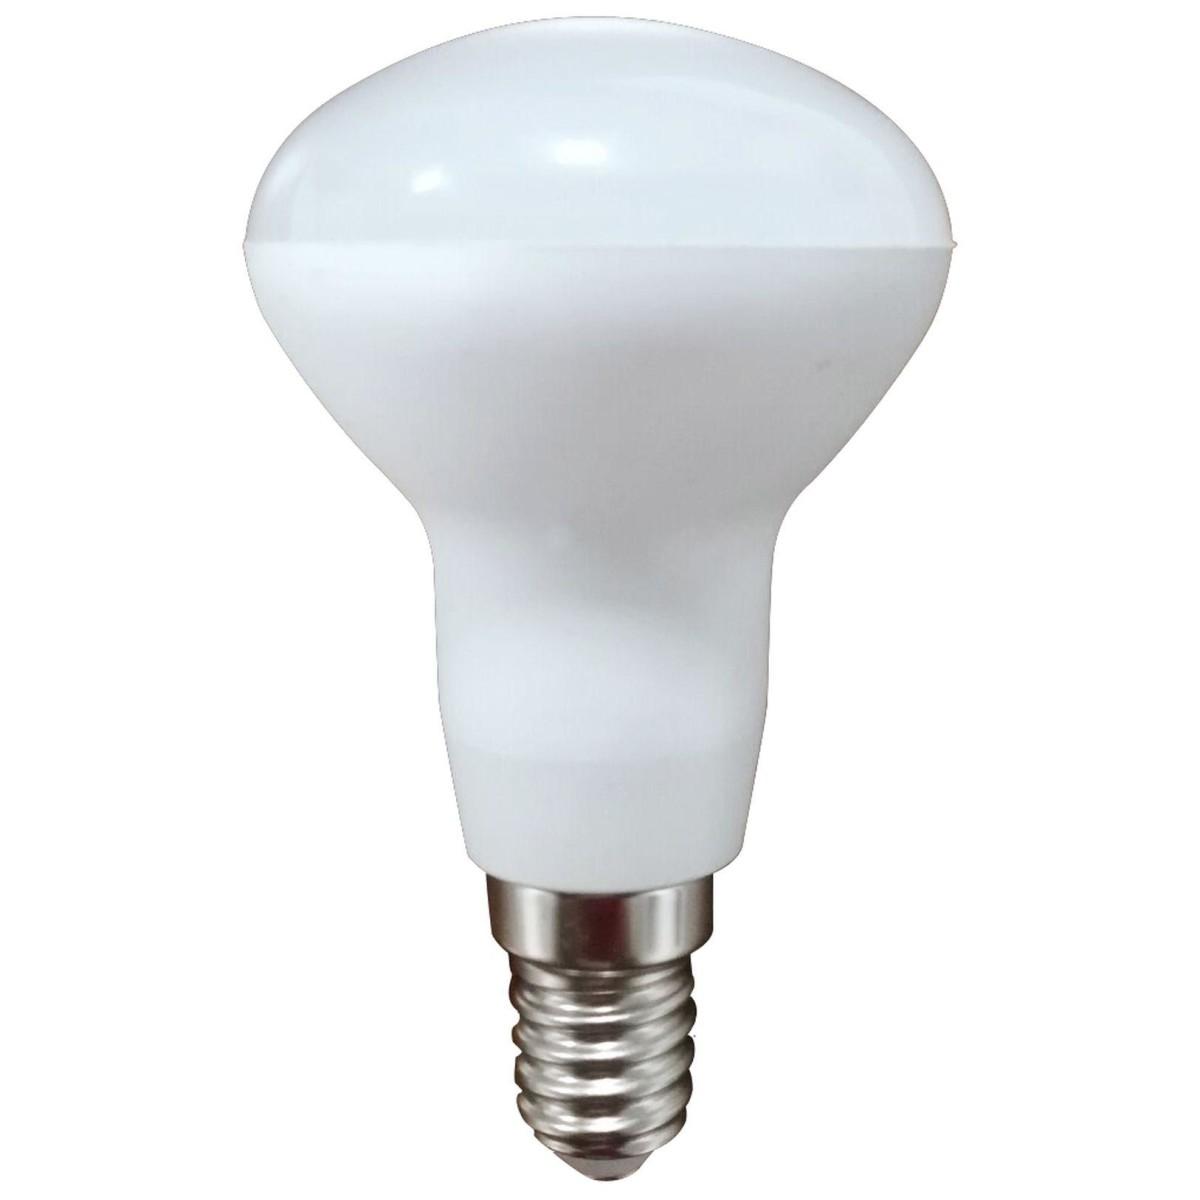 Лампа Ecola light светодионая E14 4 Вт рефлекторная 280 Лм нейтральный свет